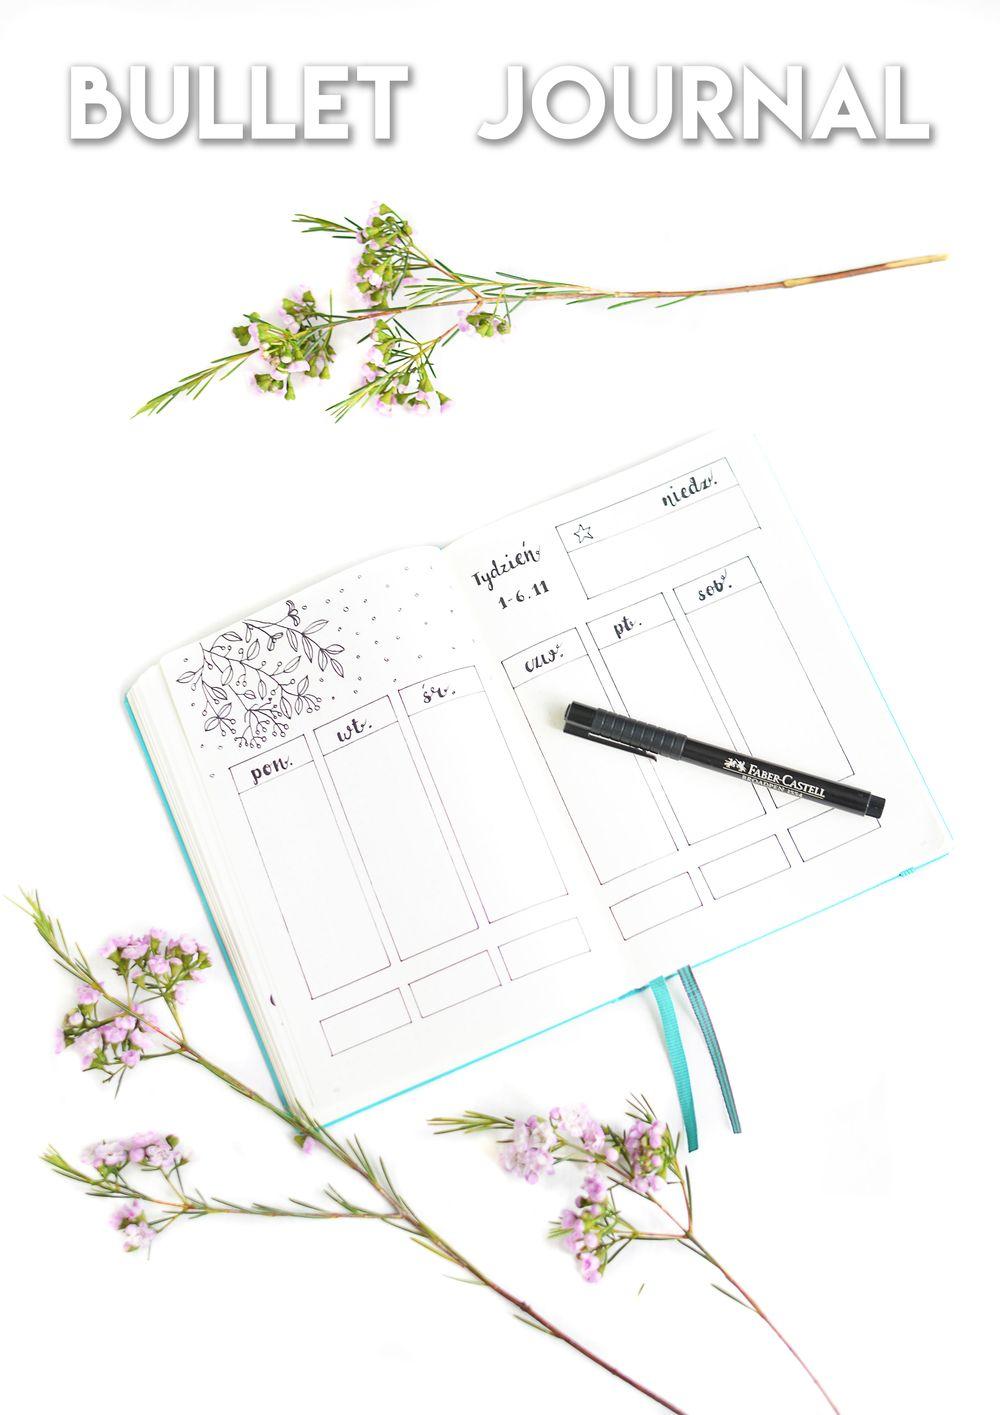 Bullet journal - pomysły, inspiracje, rozkładówka